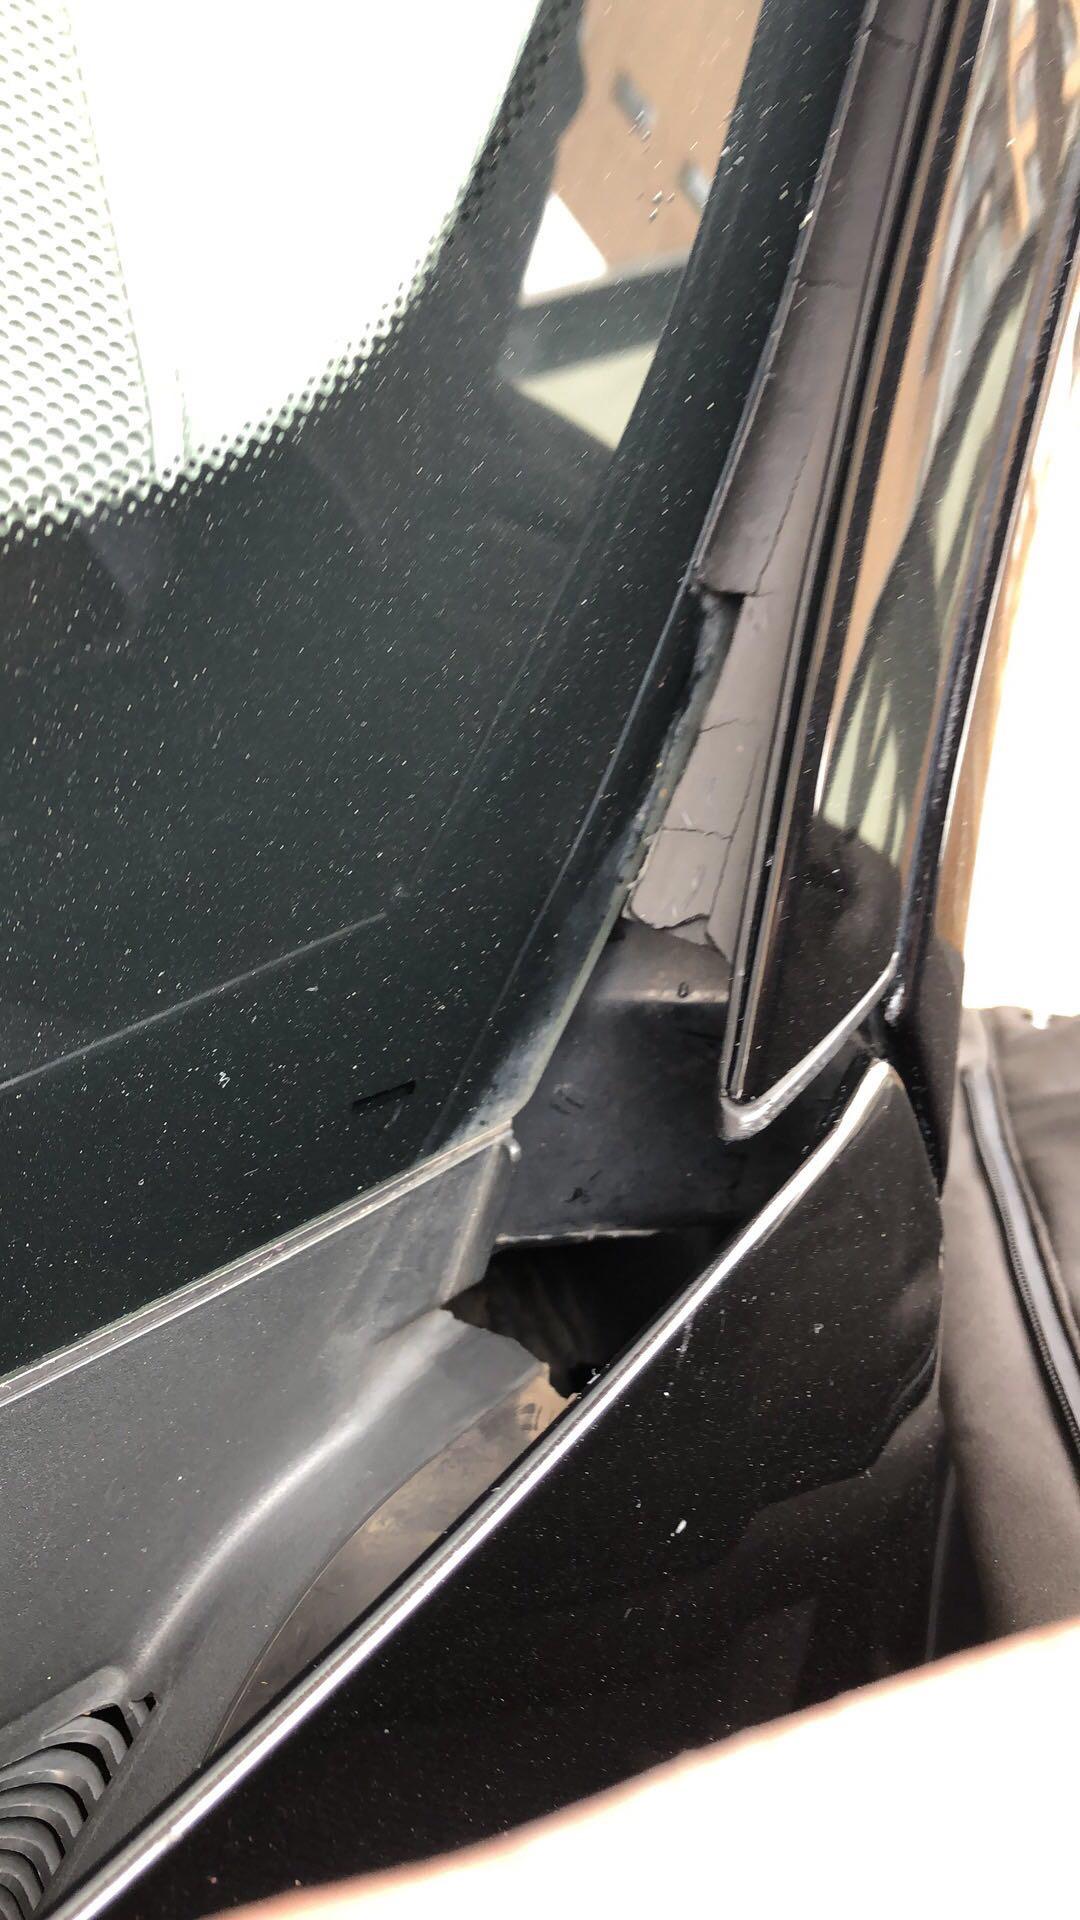 奔驰-奔驰E级 前风挡玻璃橡胶条质量差,老化严重开裂破损